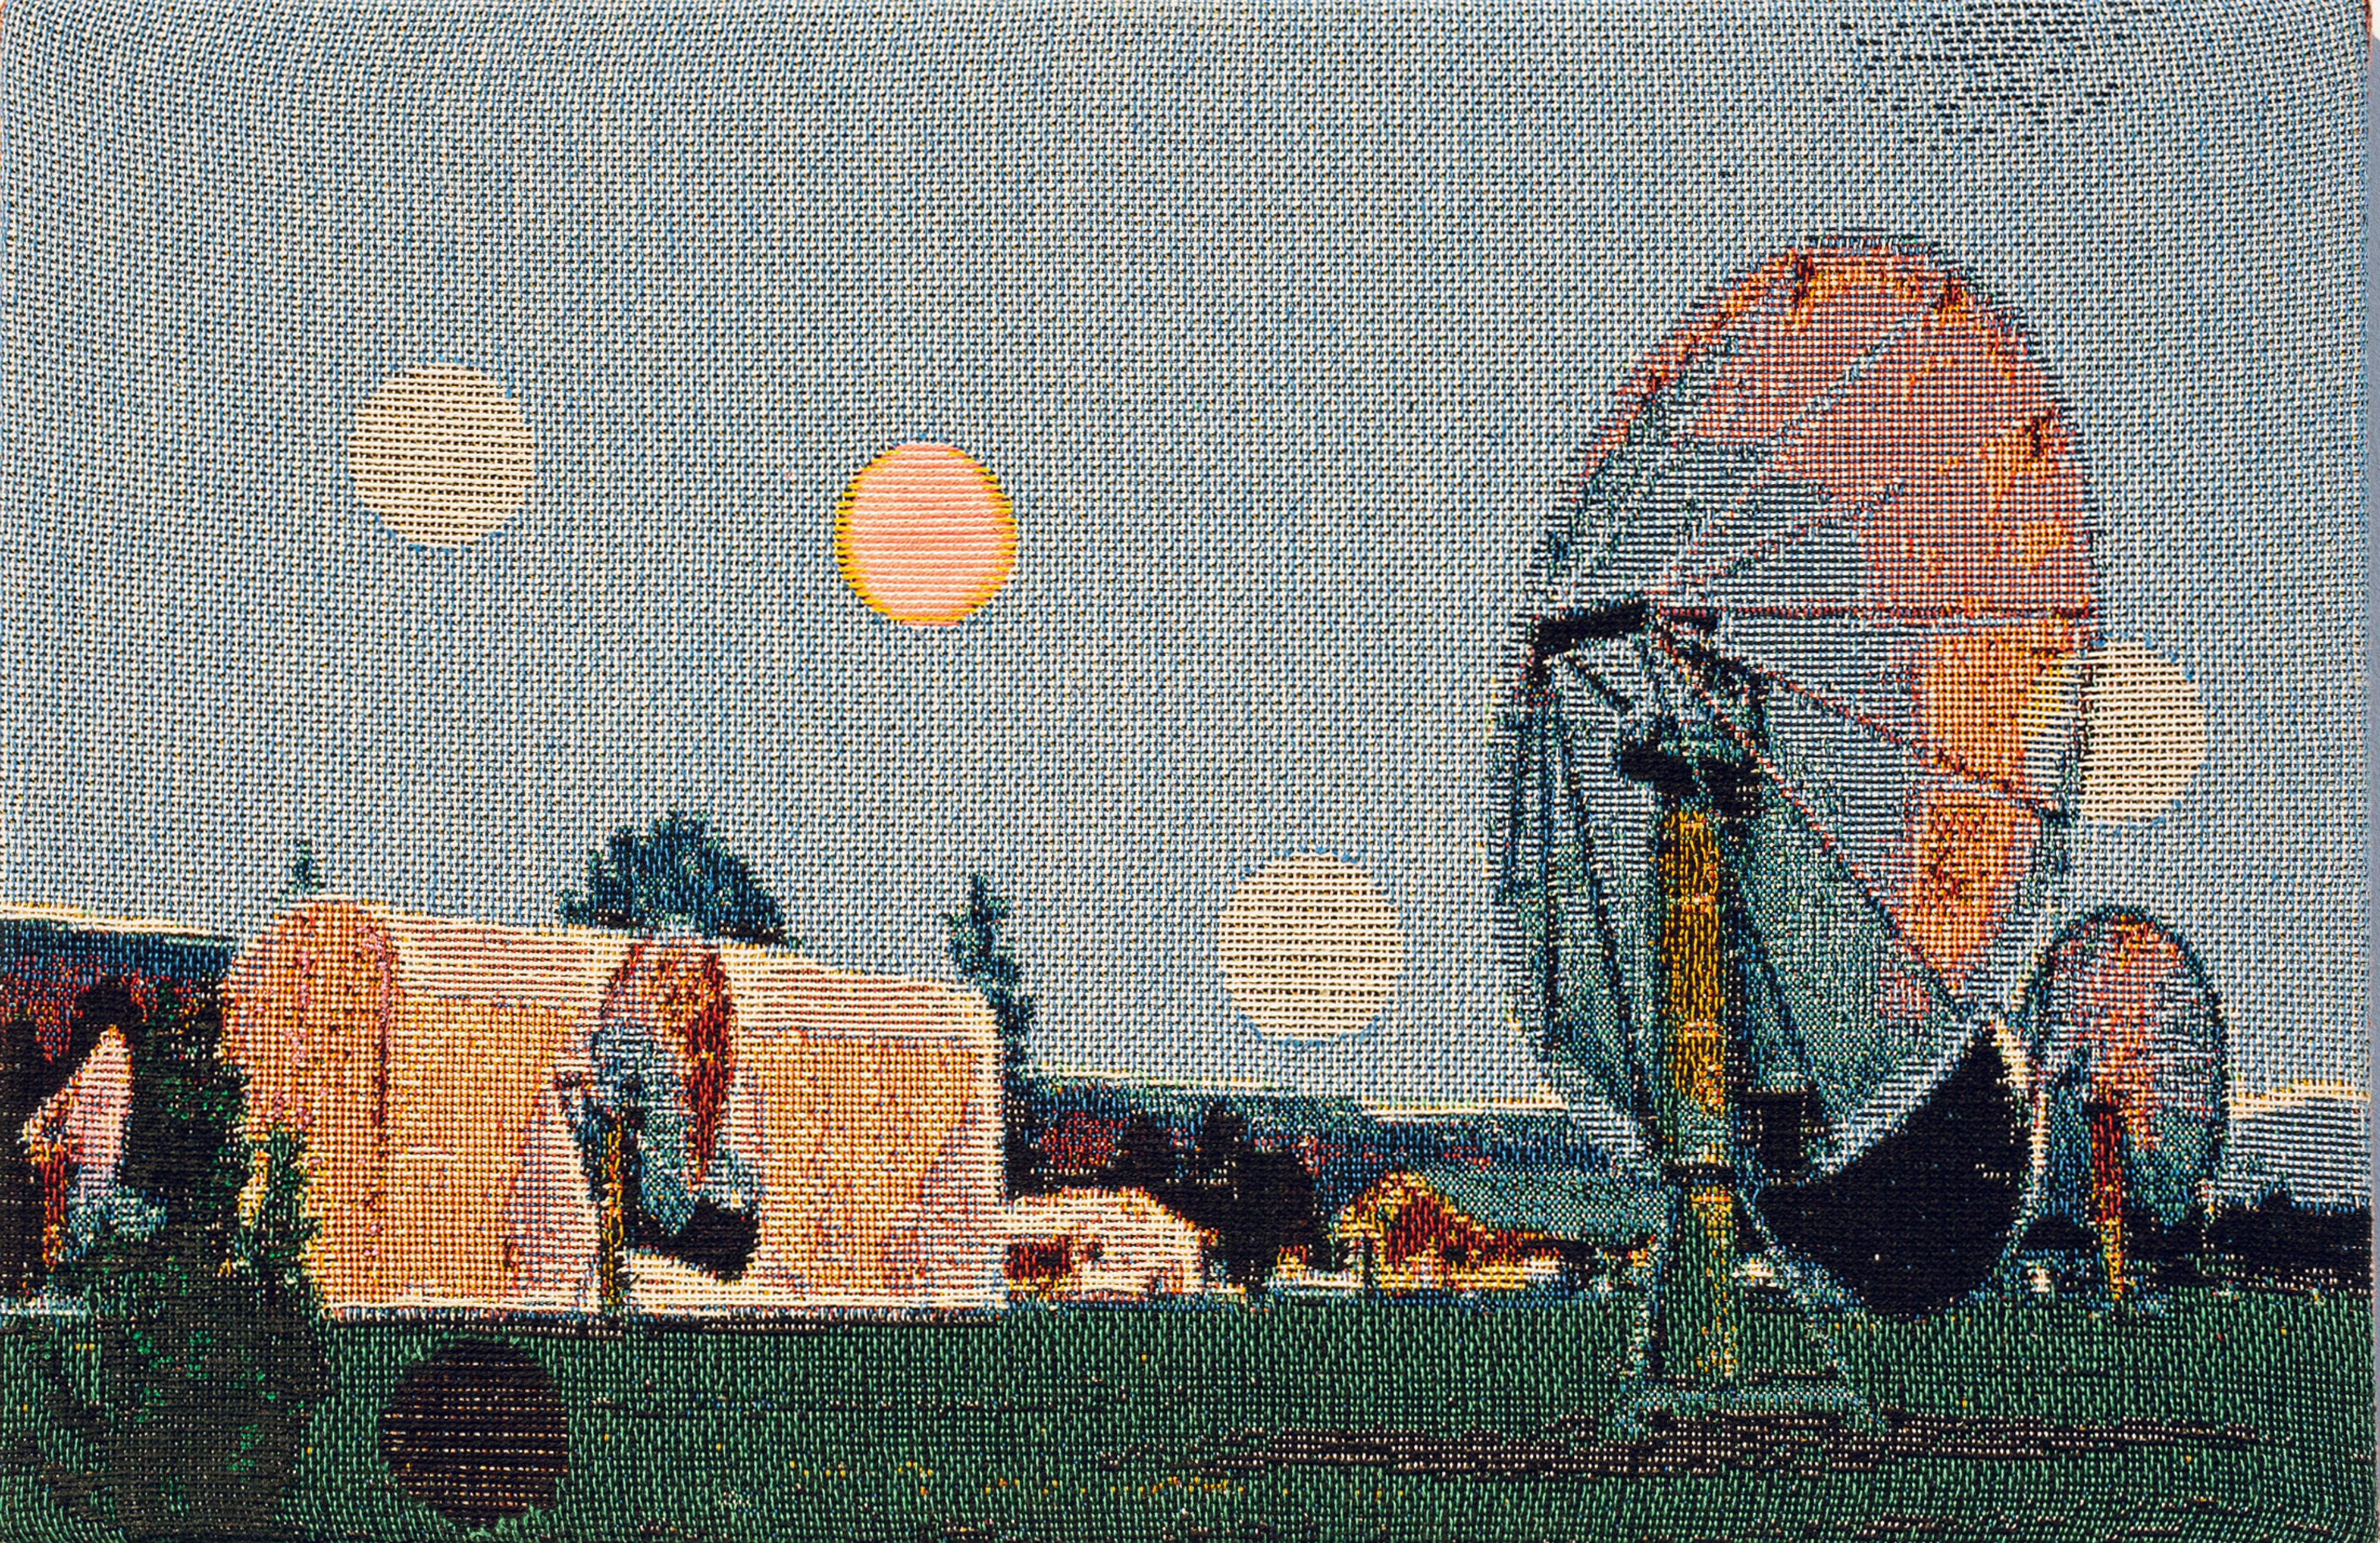 Galerie Barbara Thumm \ New Viewings #13 \ George Bolster